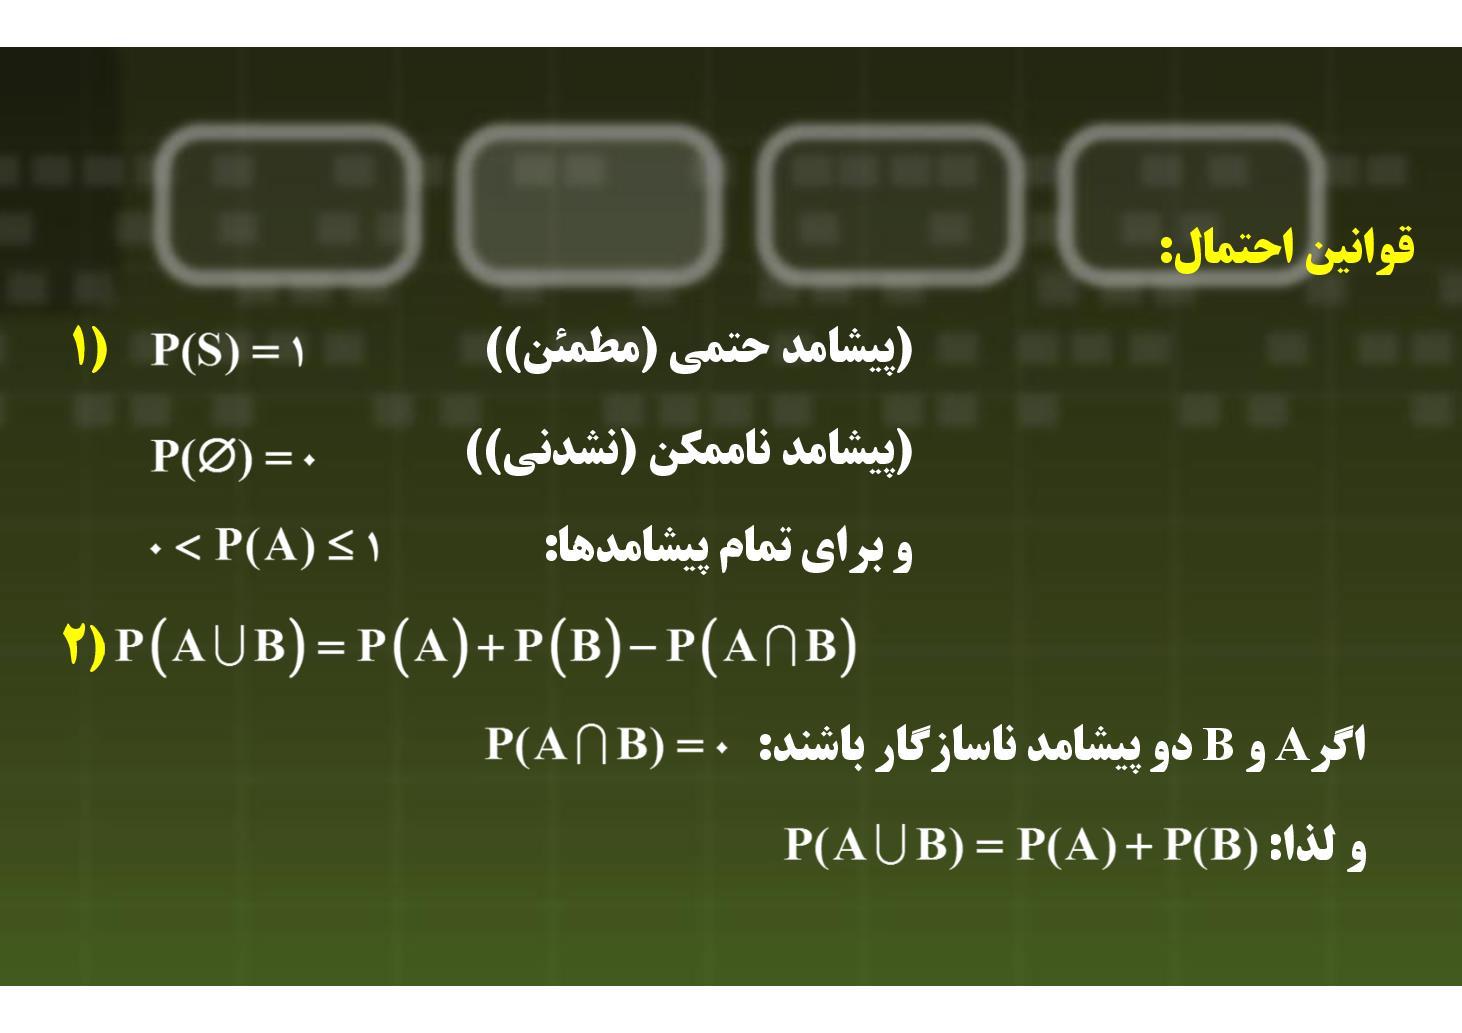 جبر- فصل ۴- قوانین احتمال- بخش ١ (PDF)